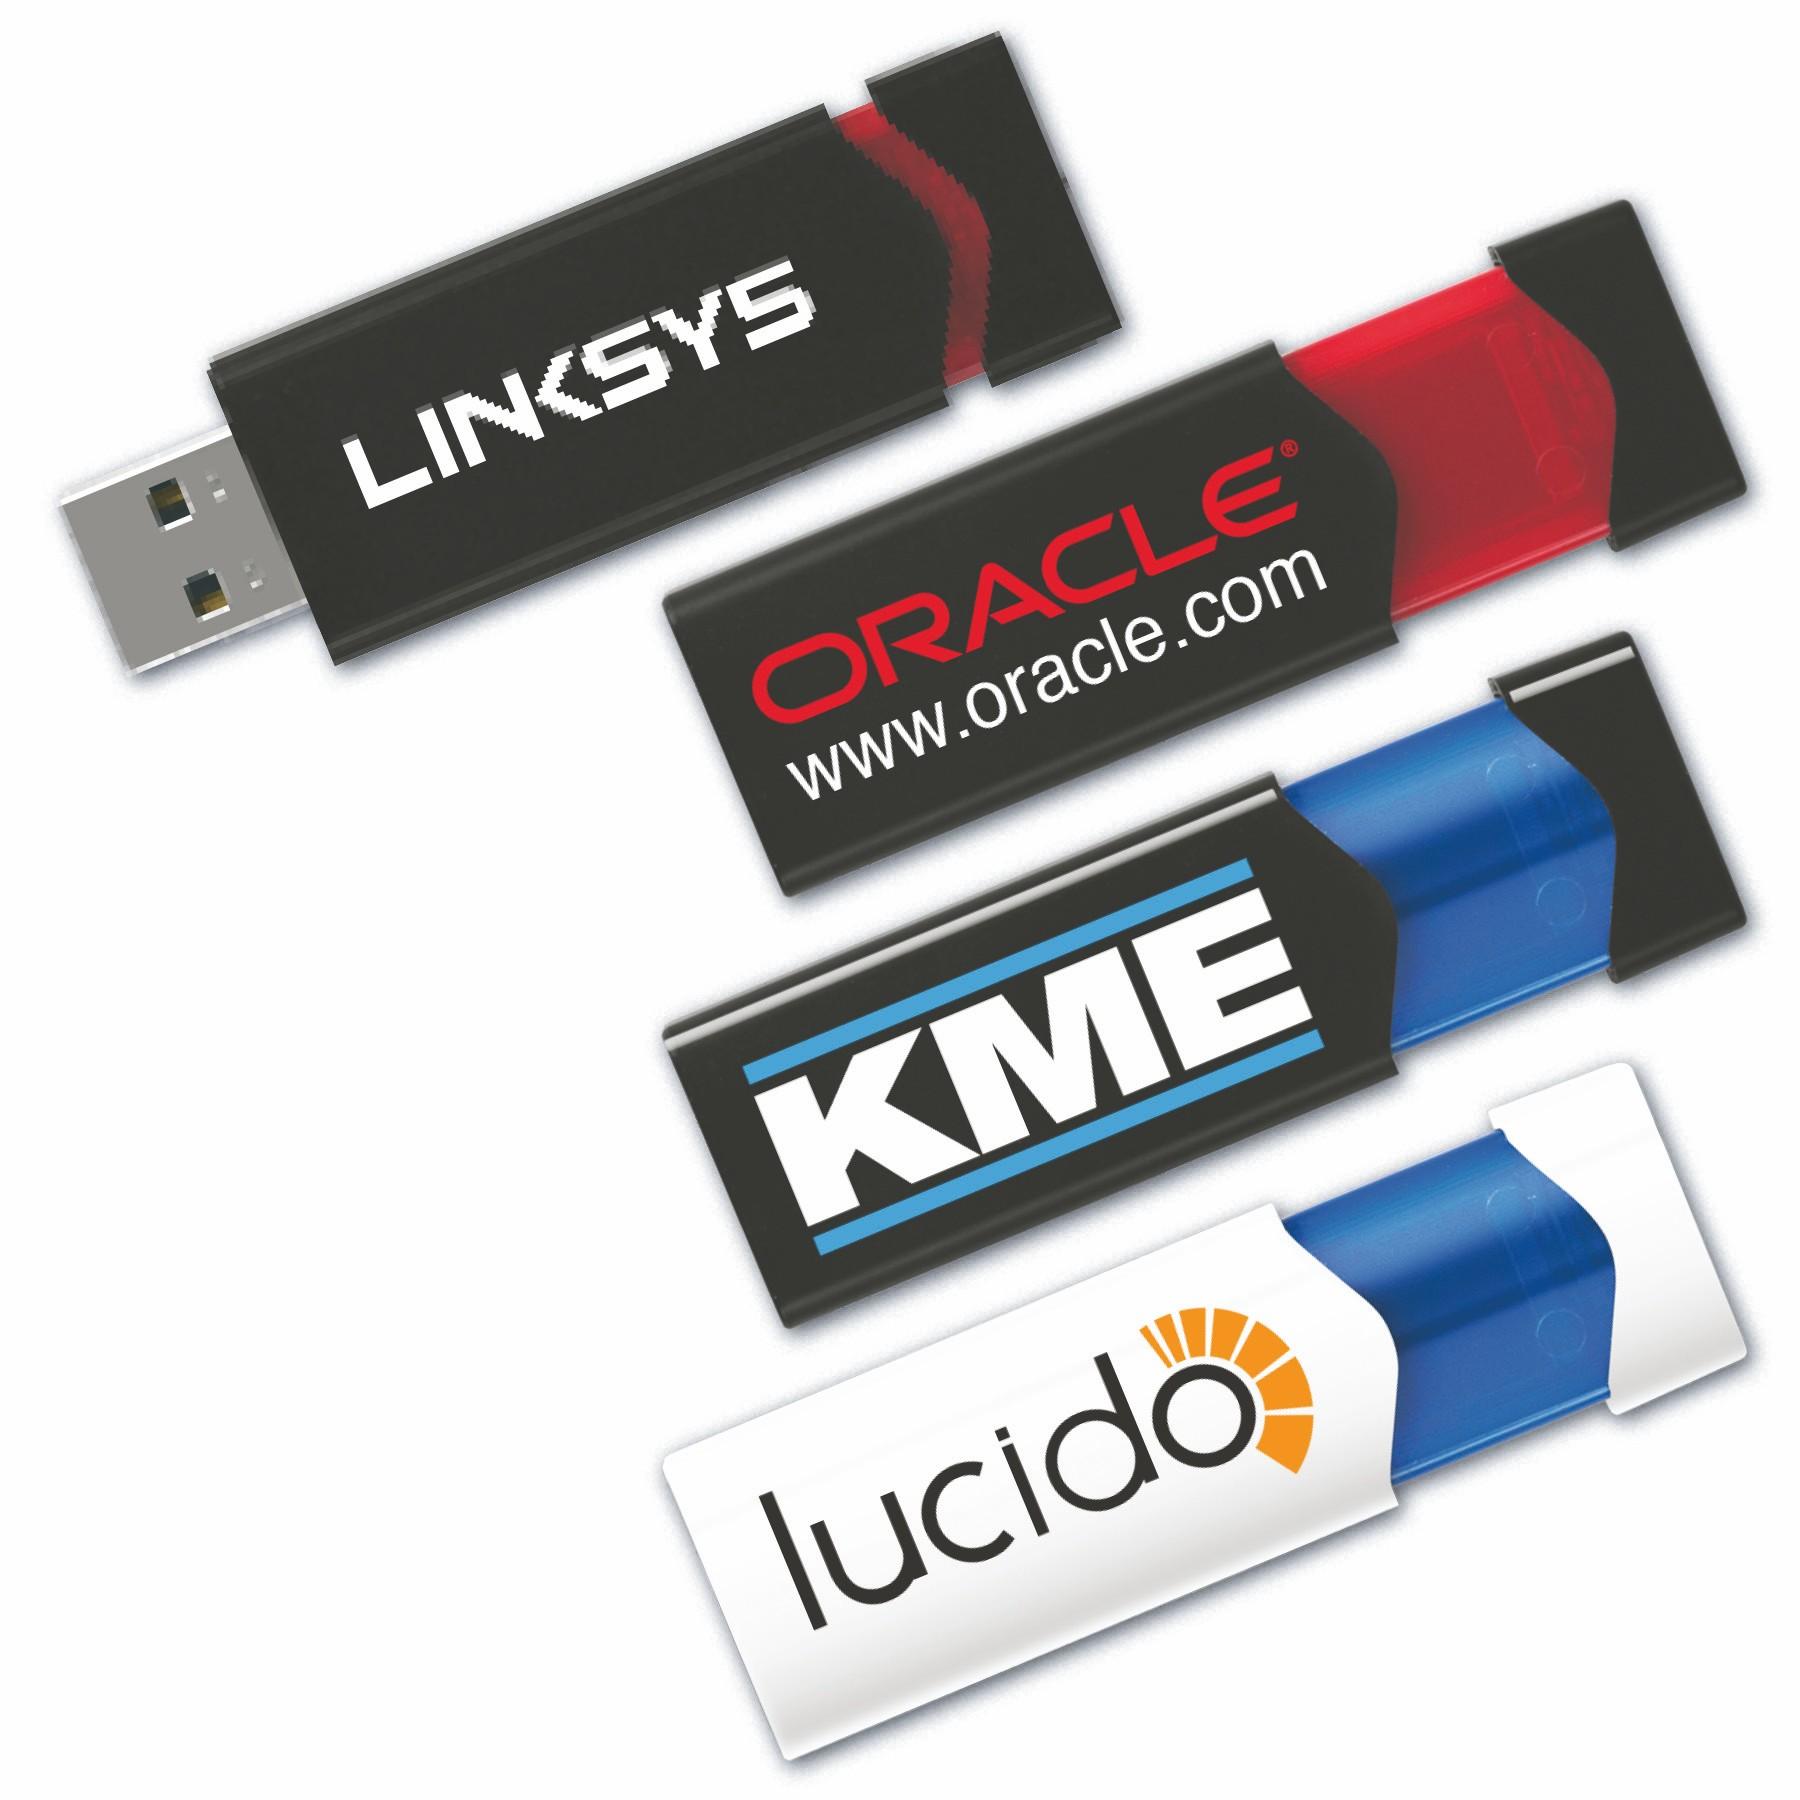 USB 2.0 Quick Drive™ QC Flash Drive (32GB)